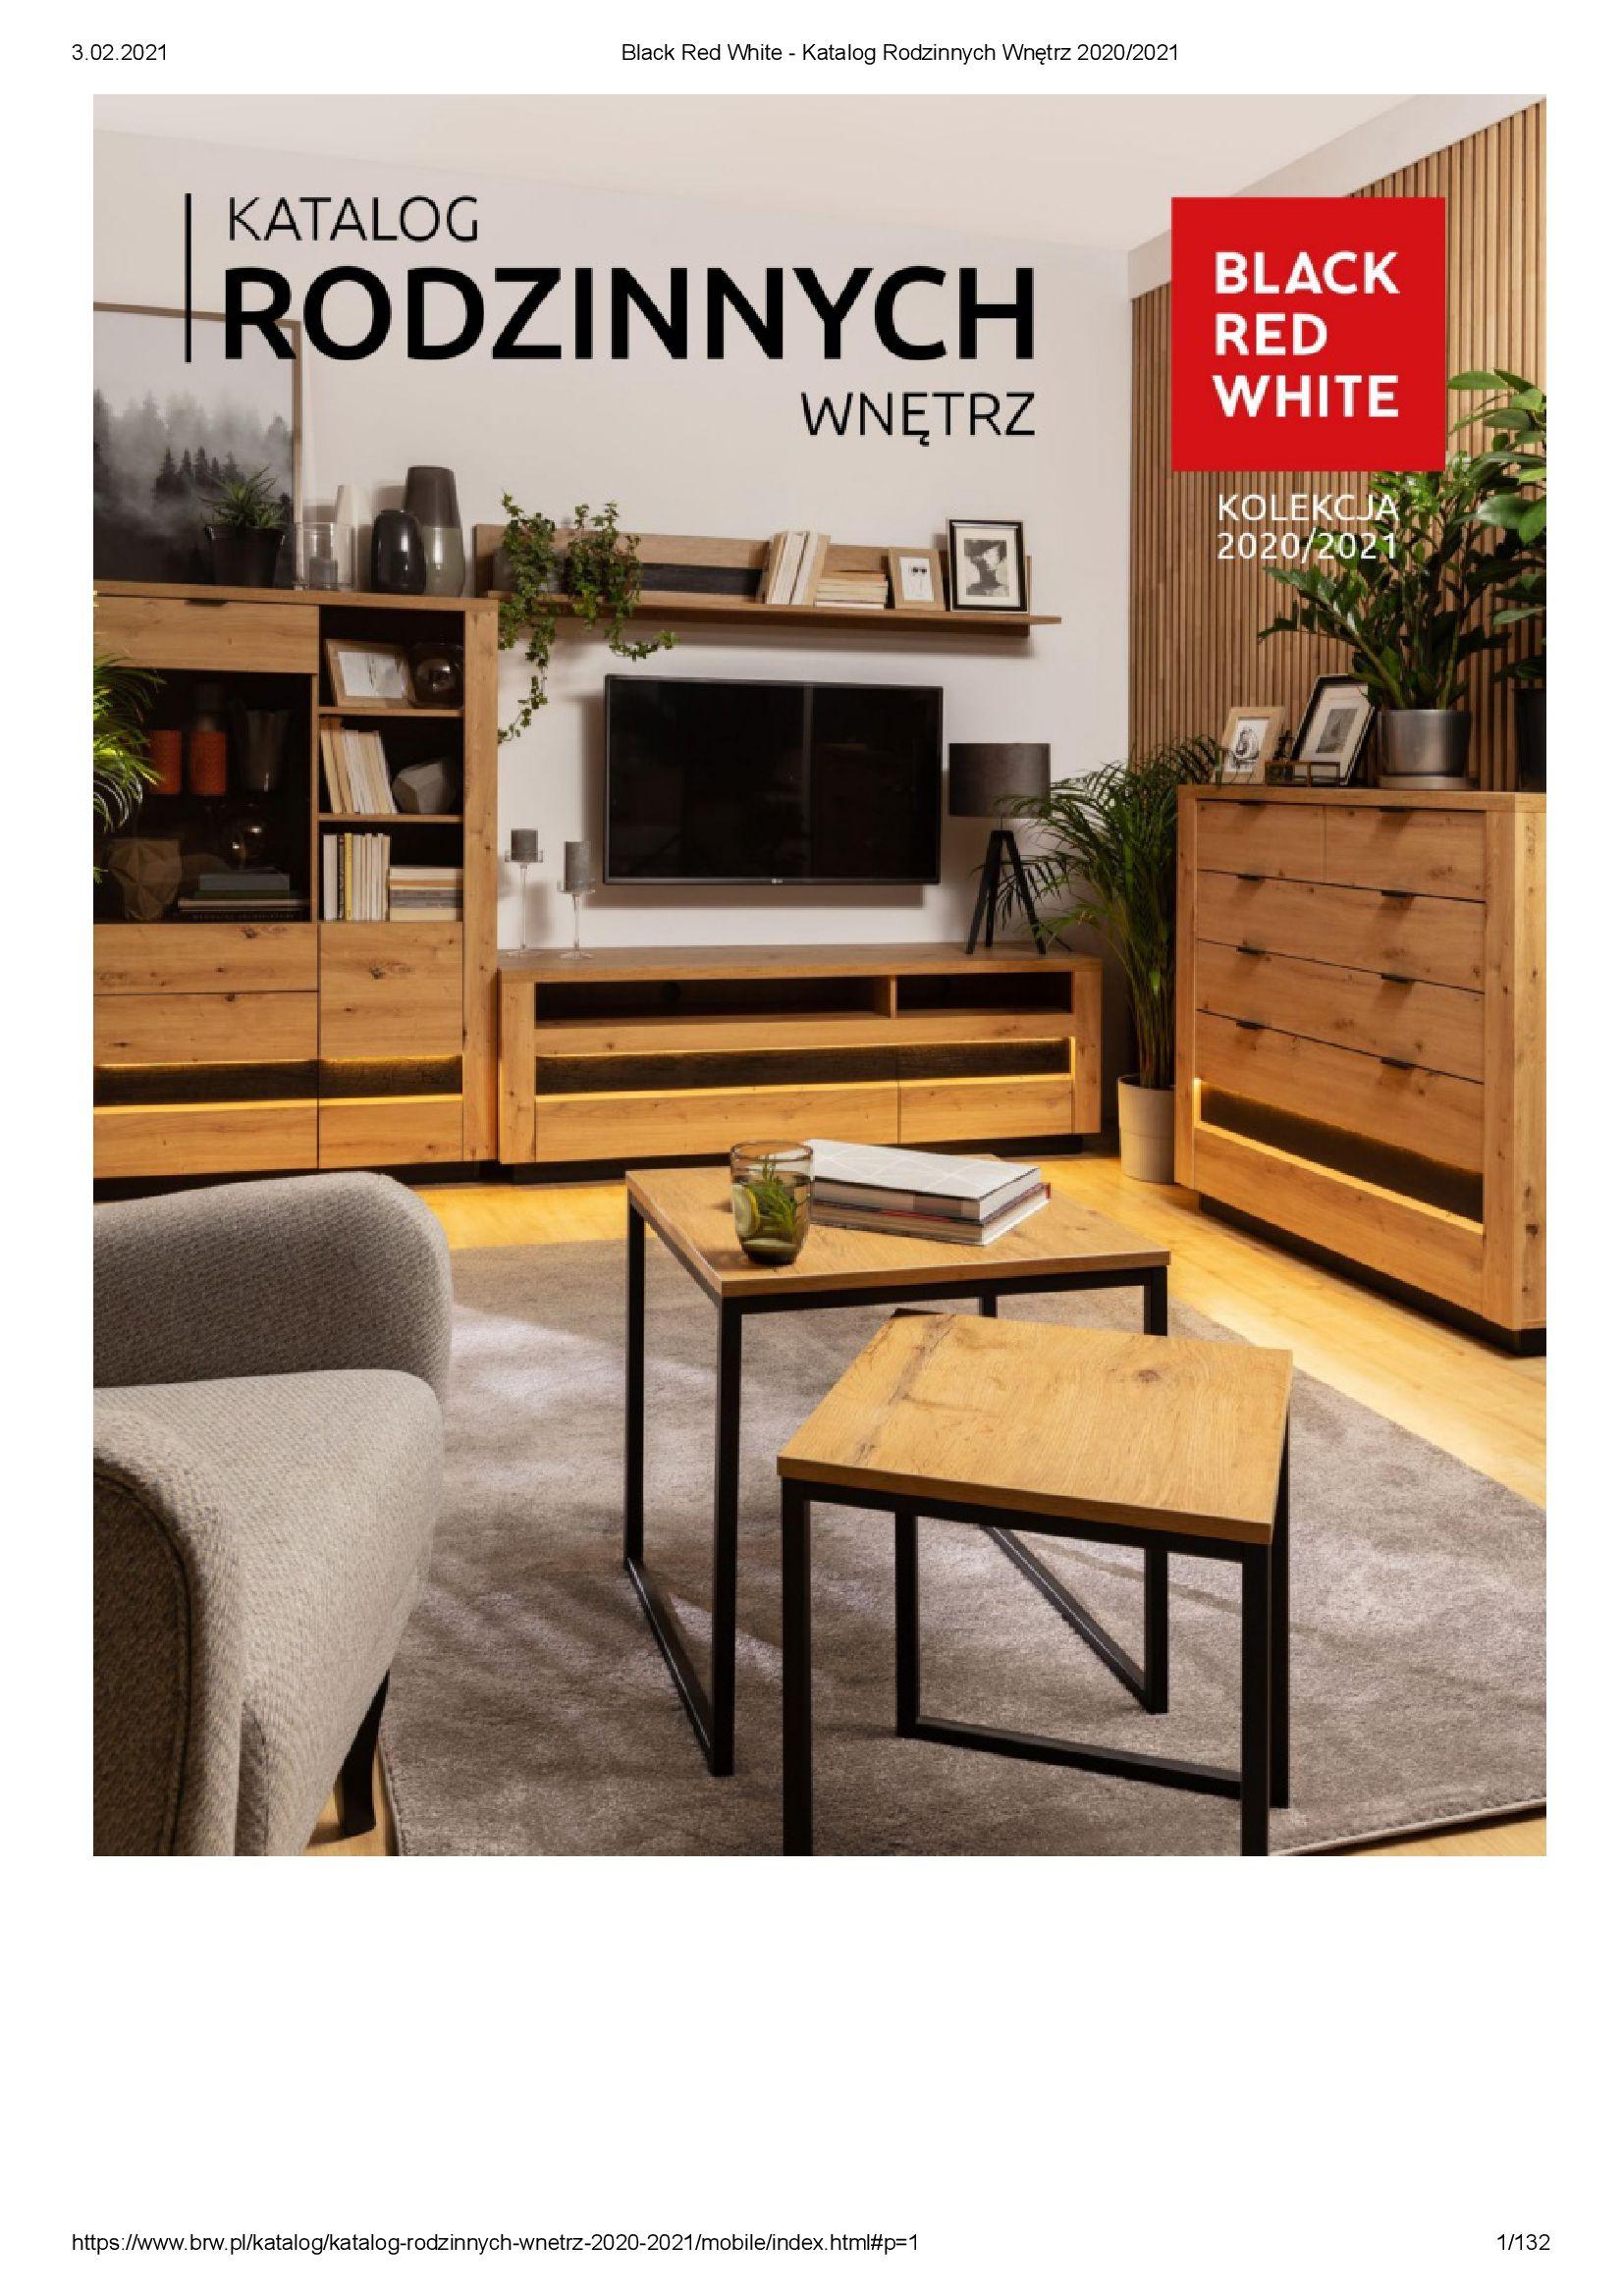 Black Red White:  Katalog rodzinnych wnętrz 31.12.2020